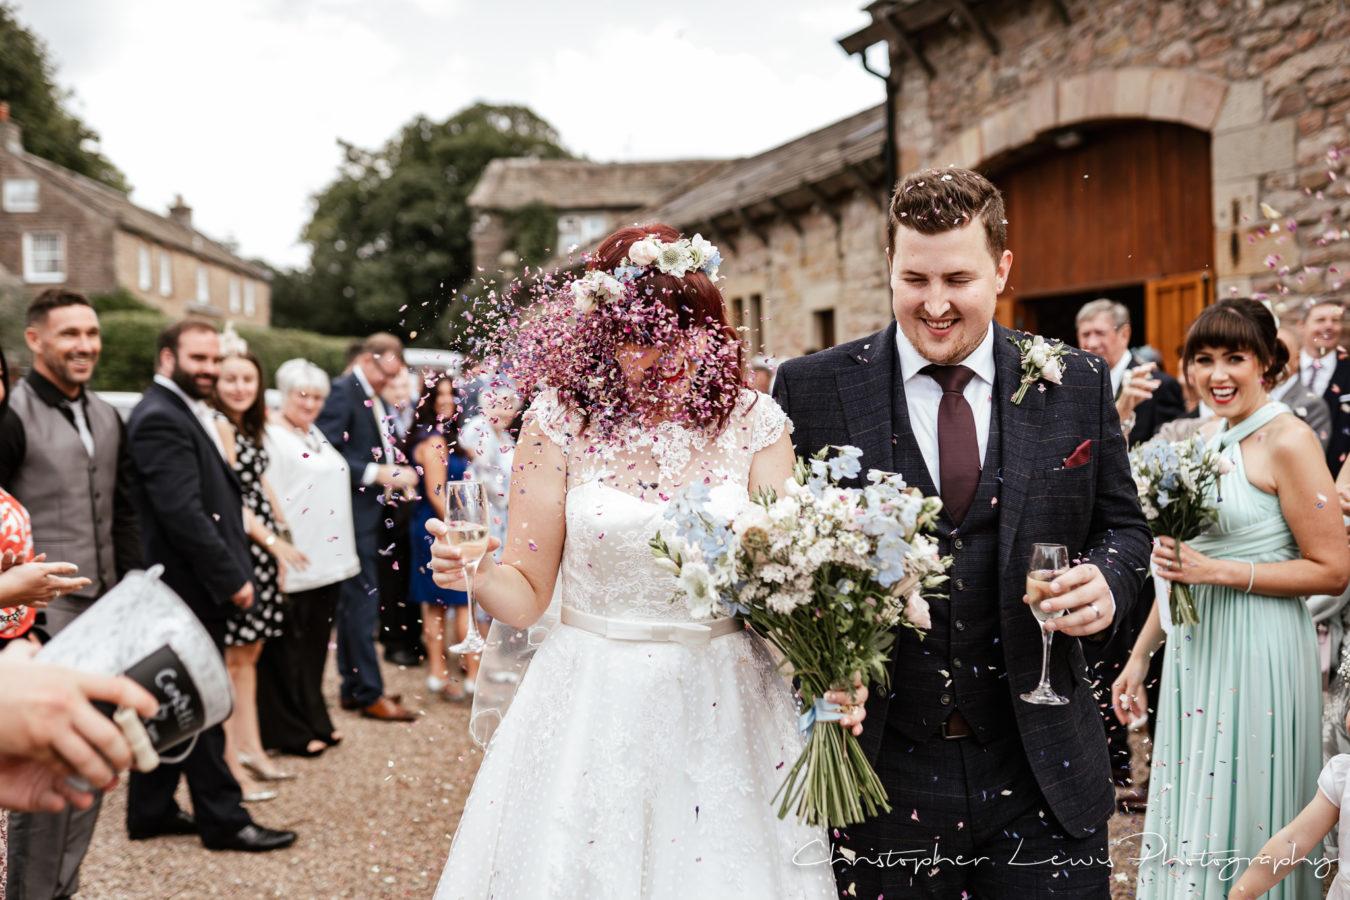 Browsholme Hall Wedding - 43